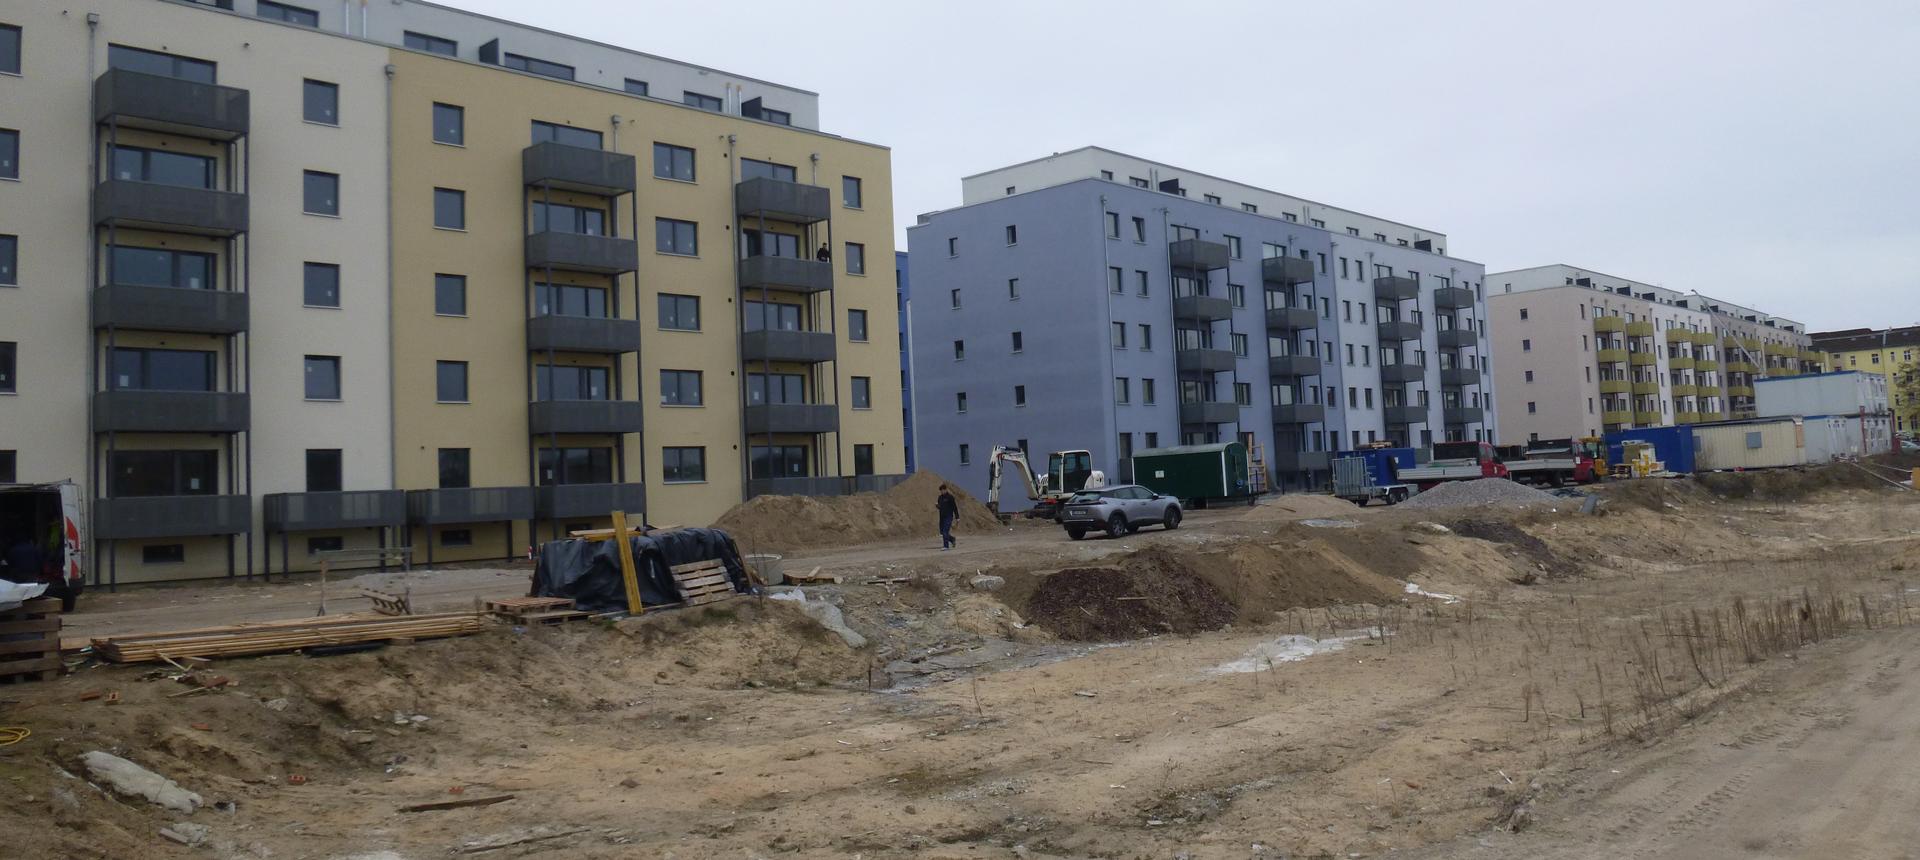 Blick auf die Blockrandbebauung, während Fertigstellung der Außenanlage - Fließstraße, Hasselwerderstraße